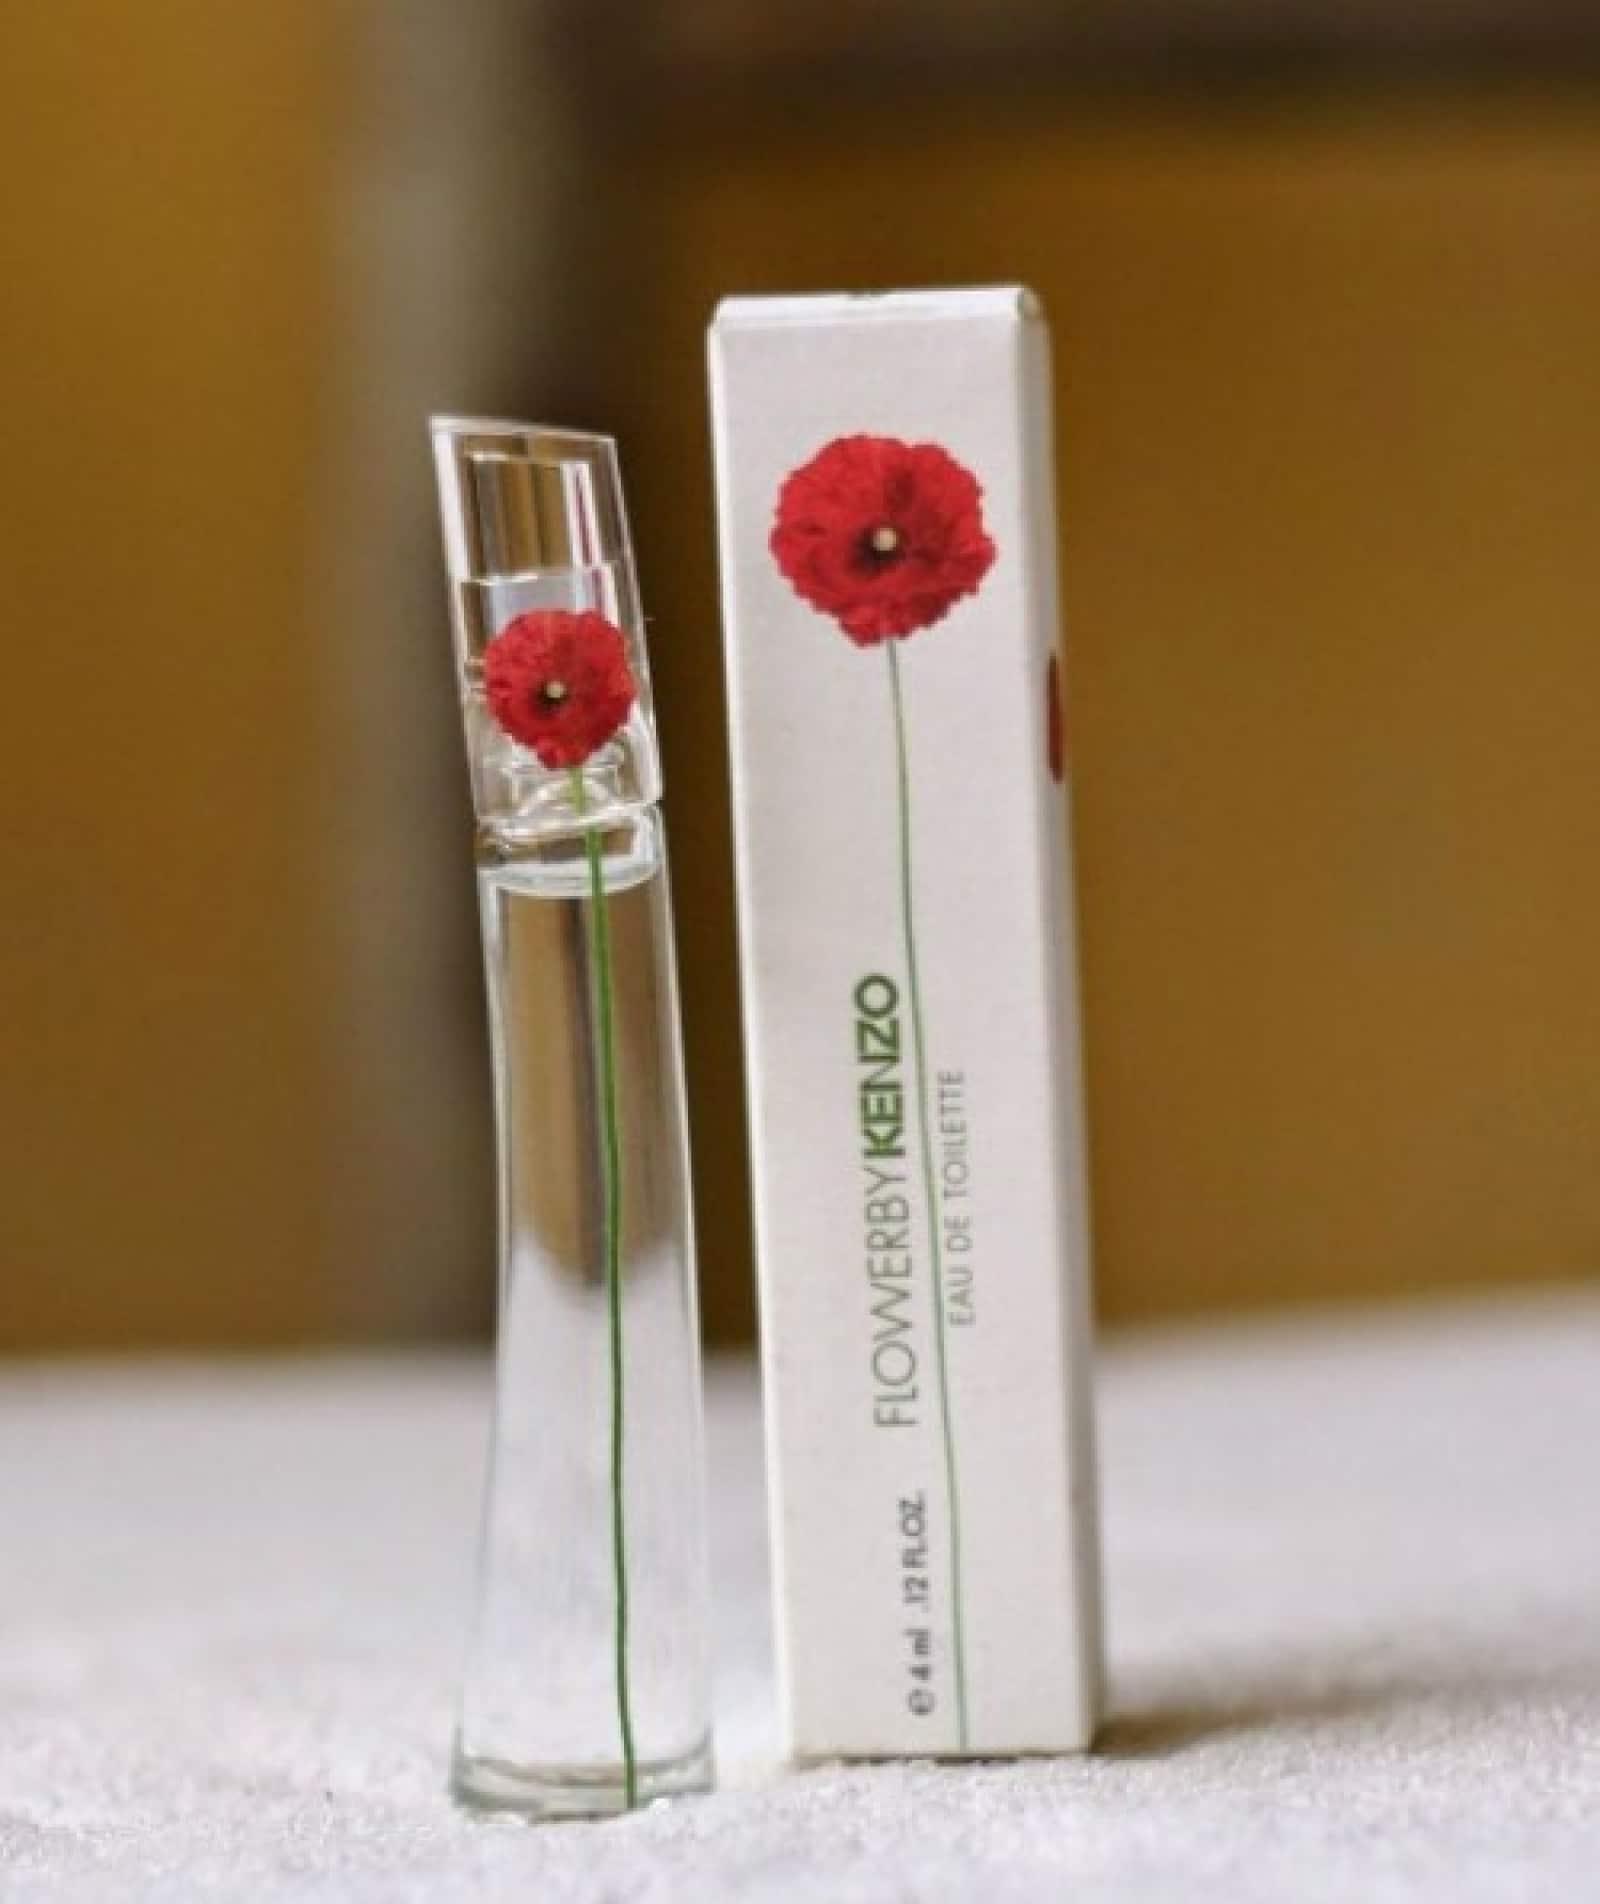 Nước hoa mini chính hãng có khác gì so với nước hoa chiết hay không?